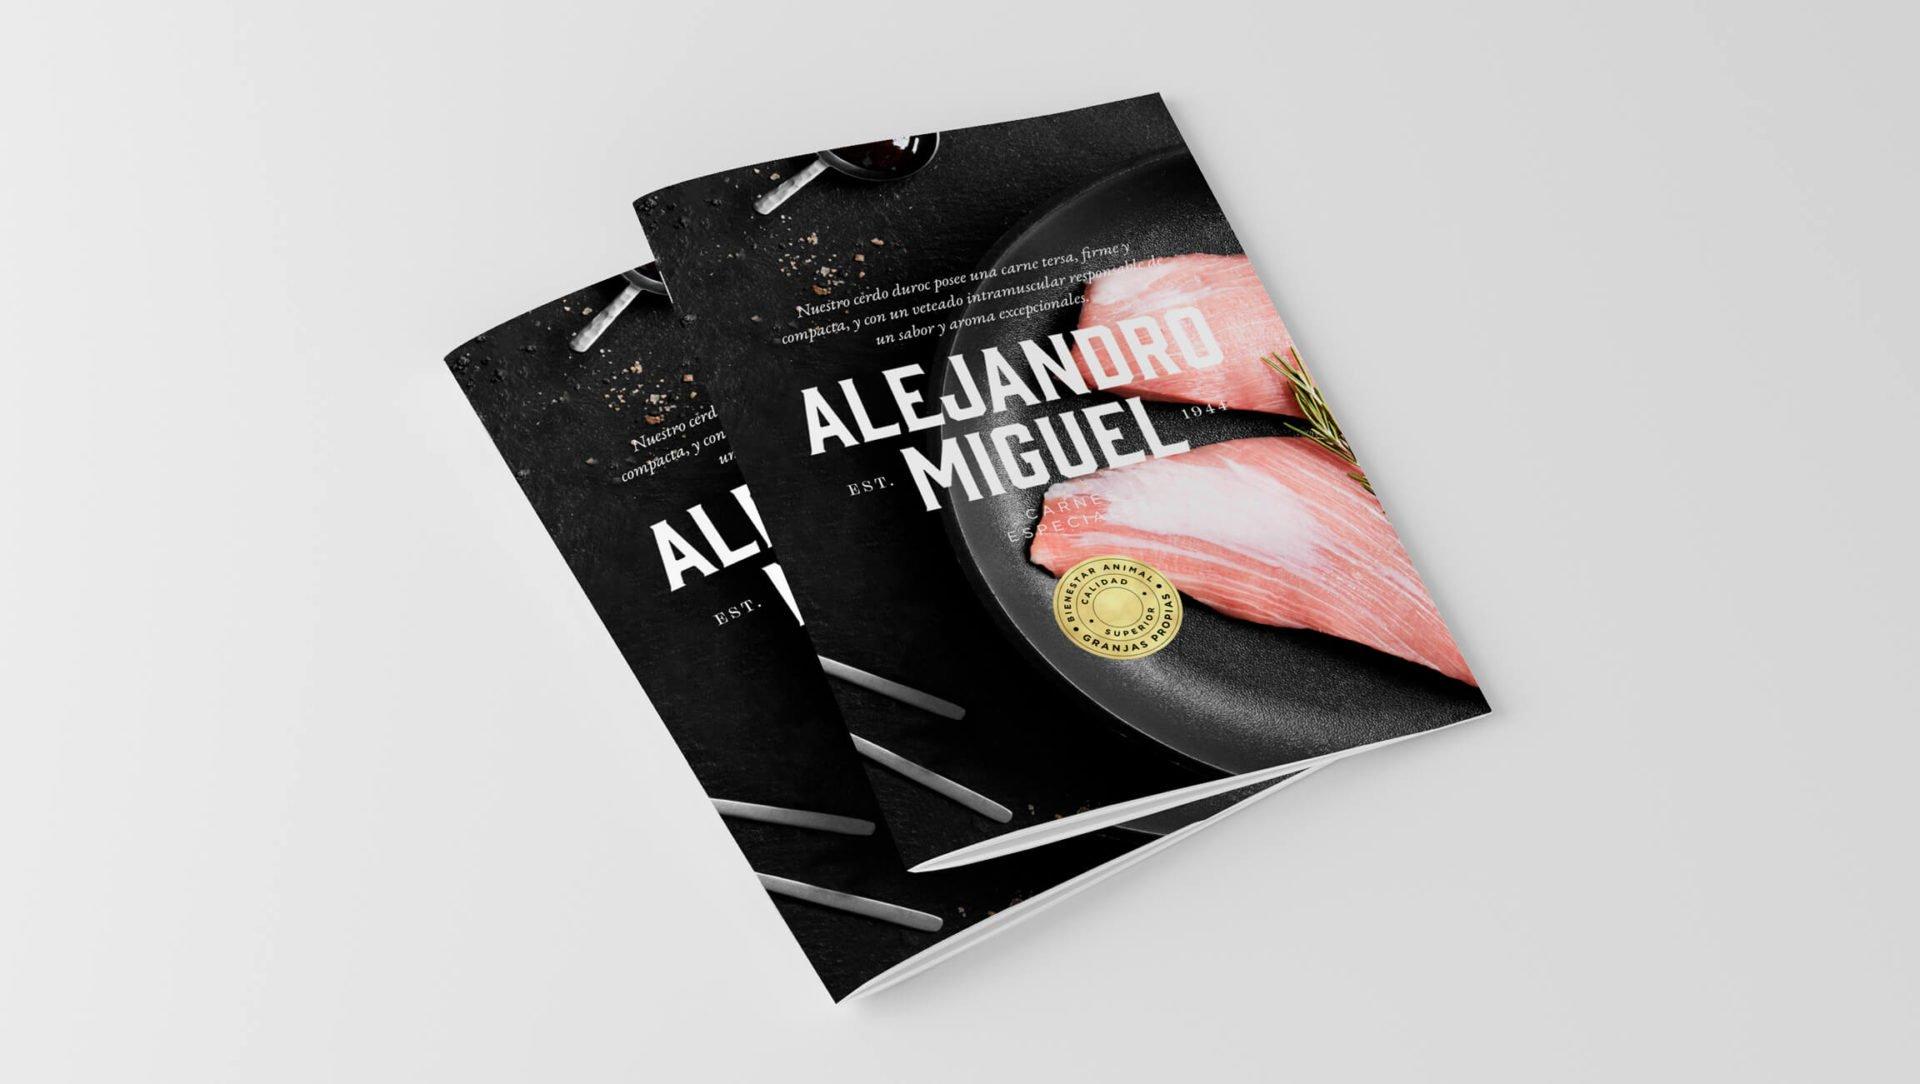 diseño-catalogo-producto-carne-cerdo-duroc-alejandro-miguel